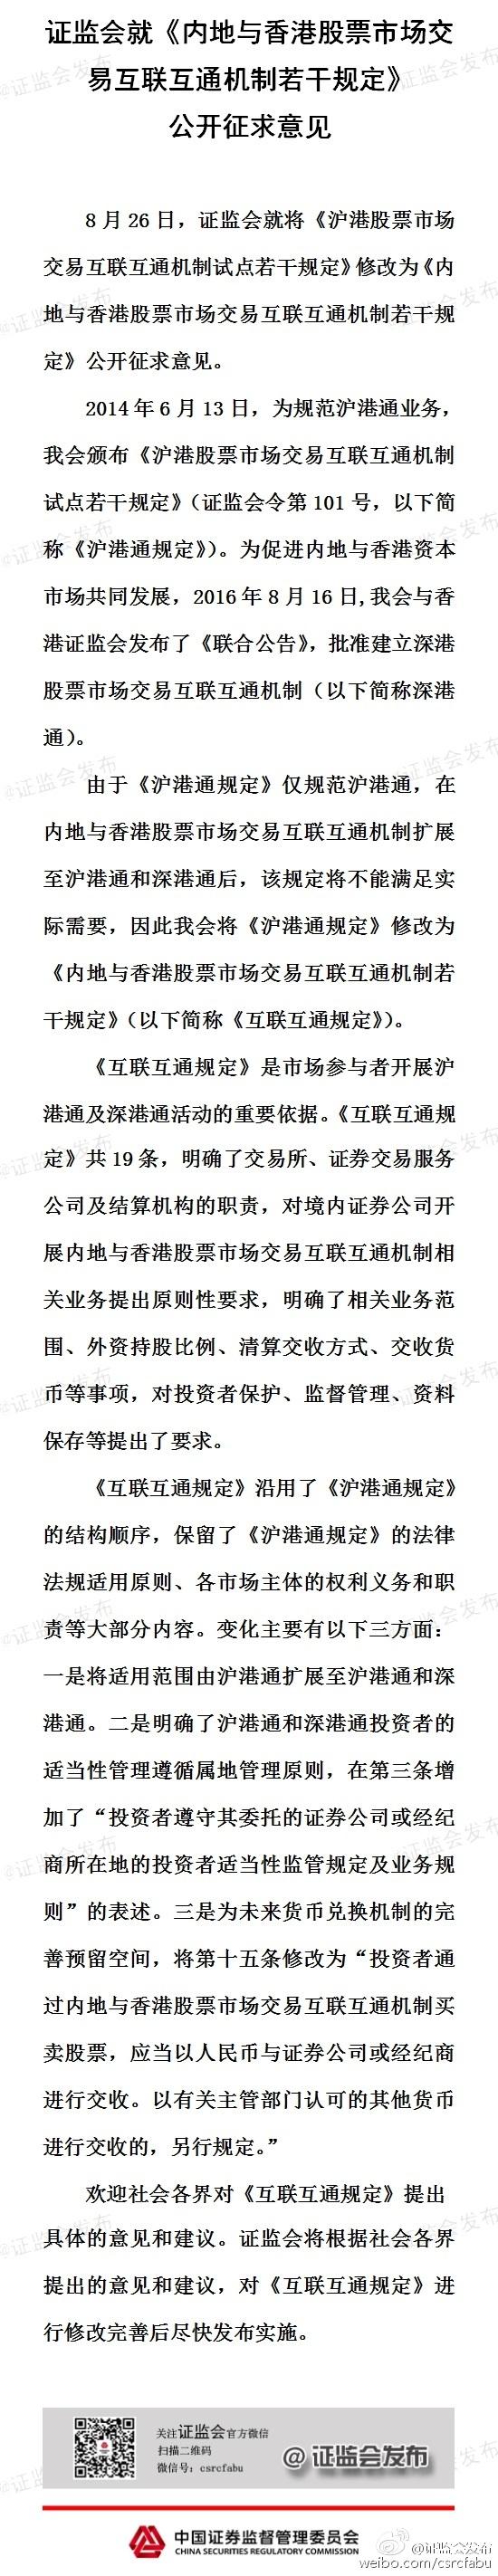 (证券时报网快讯中心)